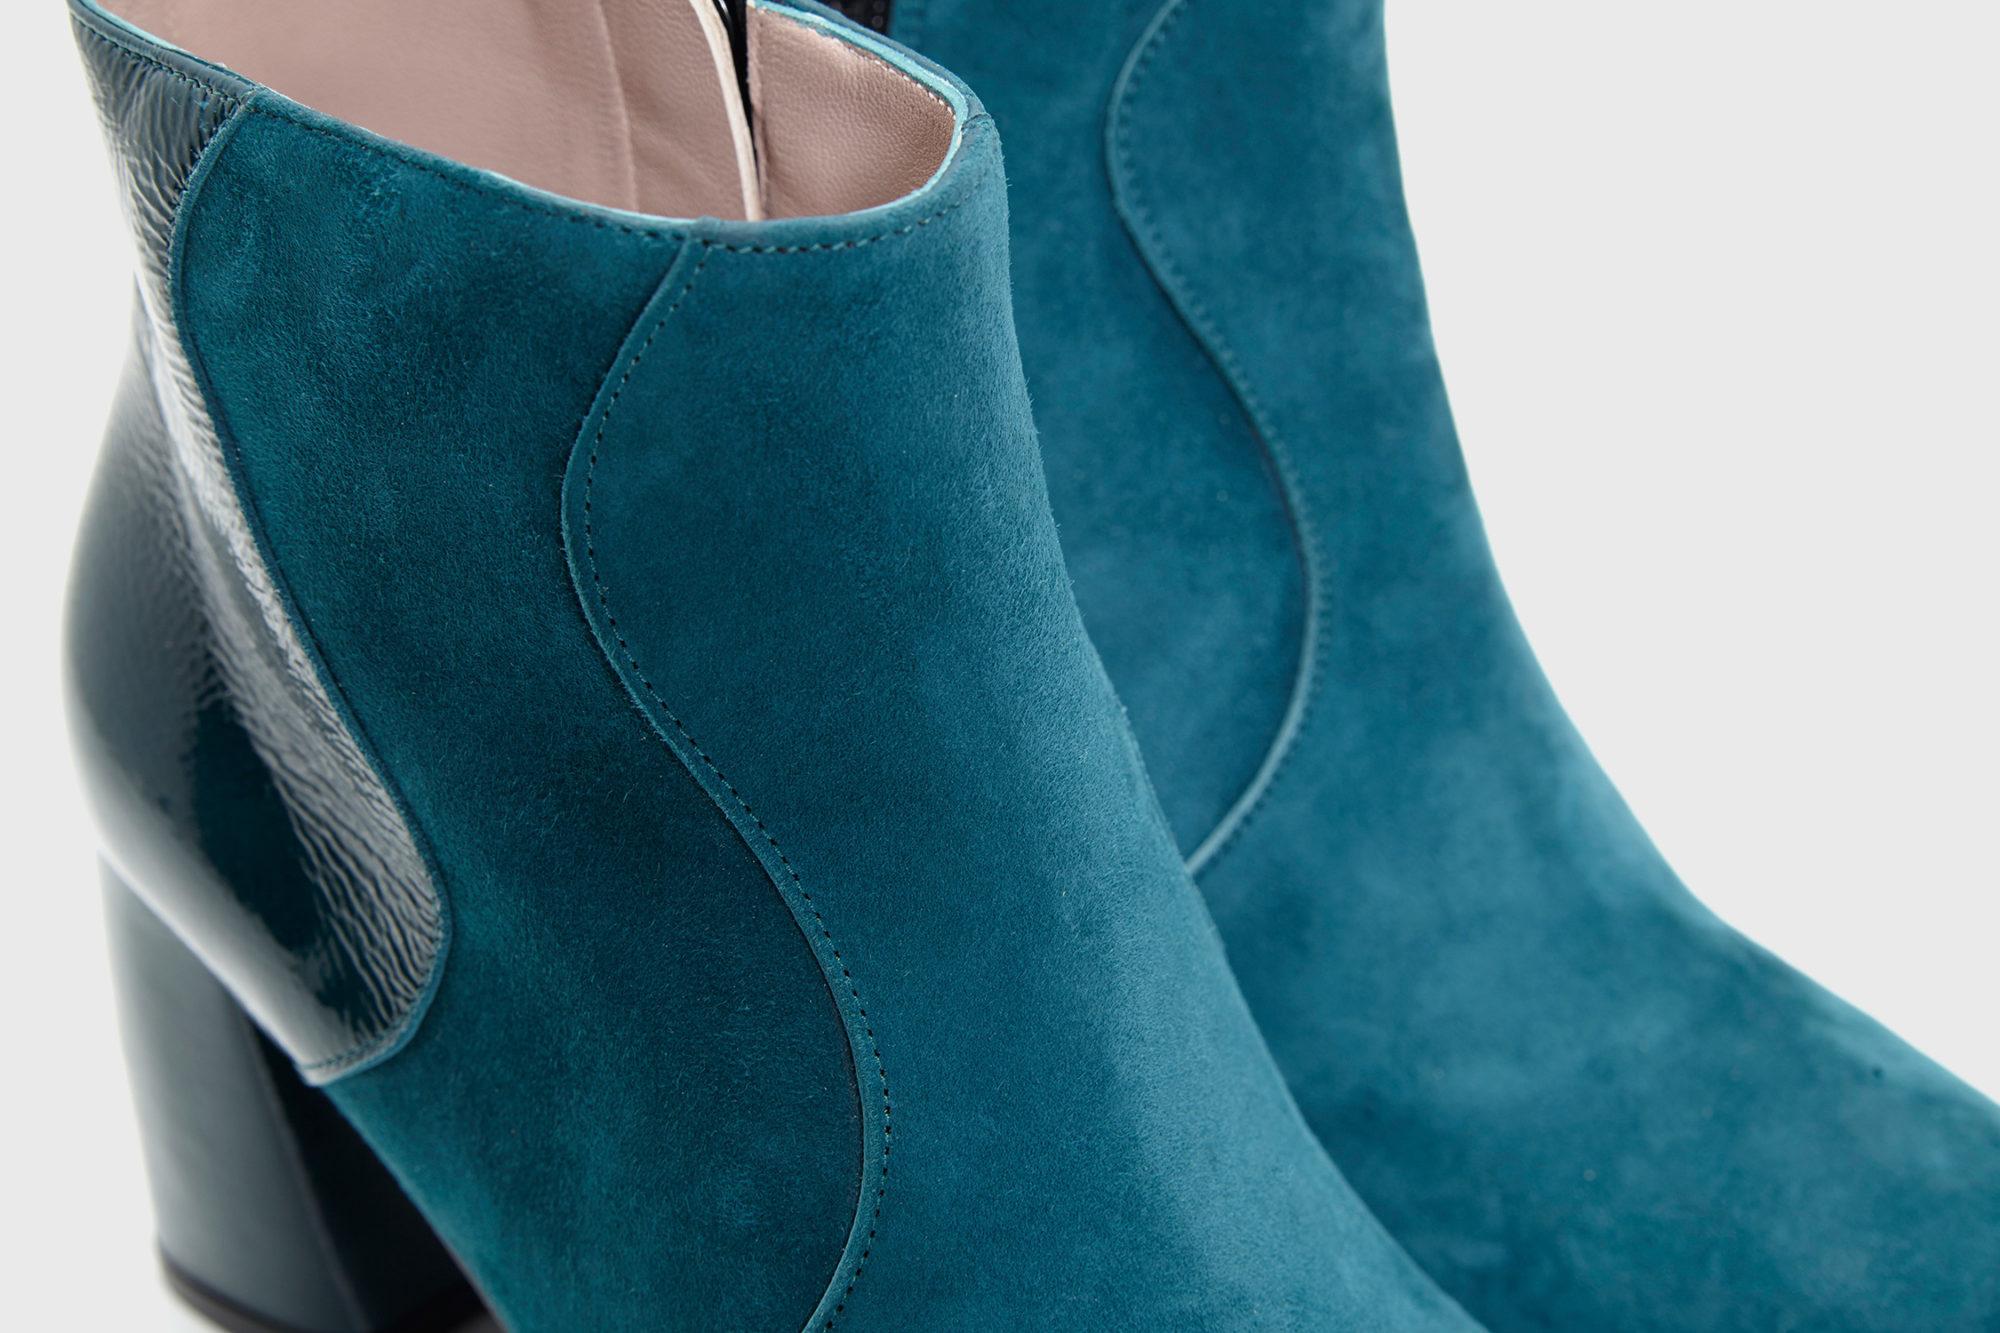 Dorotea botín de tacón alto Ruby azul lago fw17 detalle